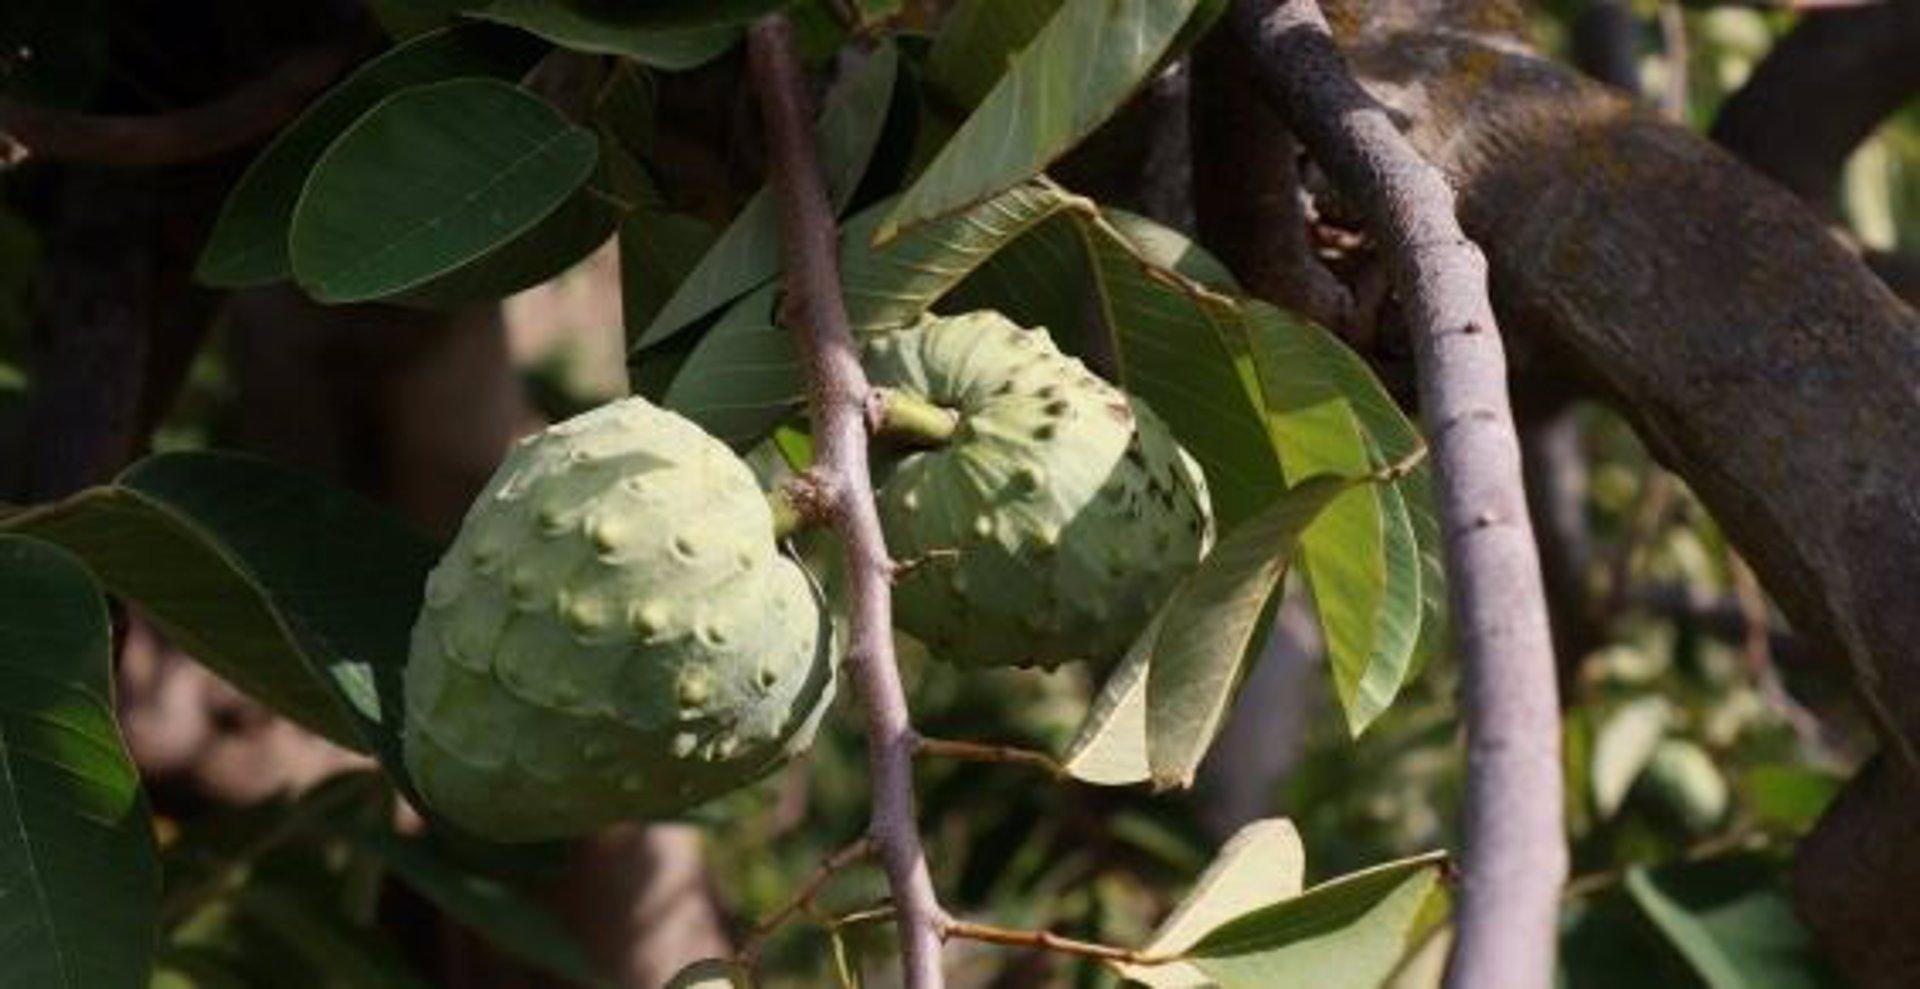 Investigado por el robo de 400 kilos de chirimoyas en una finca de Lobres, en Salobreña